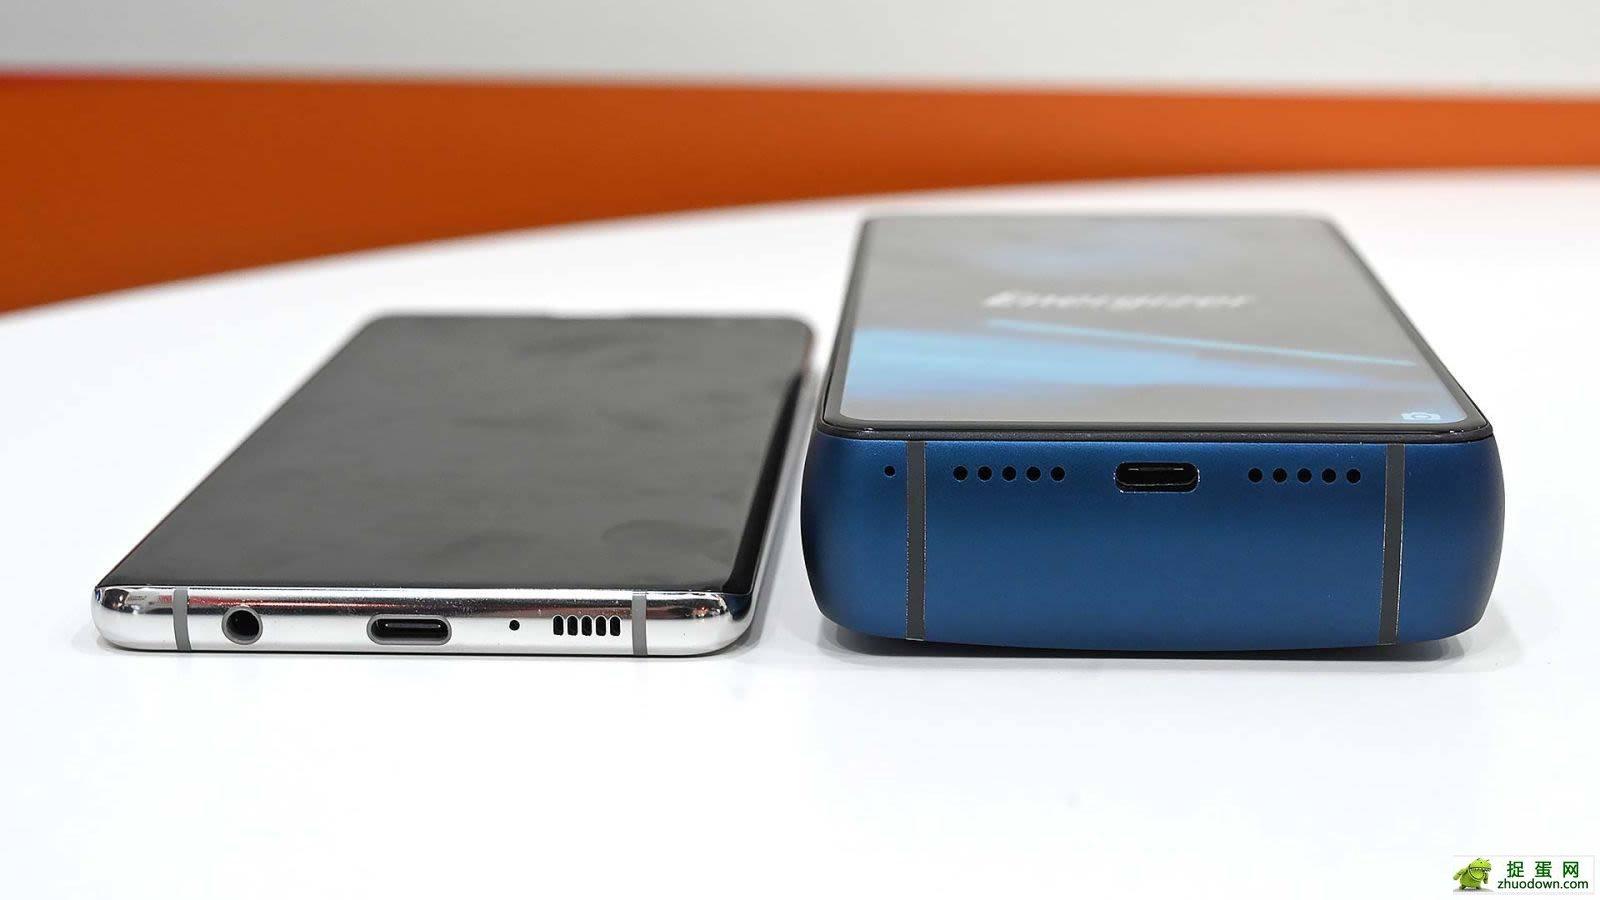 ▲ 去年劲量推出的一款 18000 毫安电池手机,打破了很多人对手机大电池的幻想